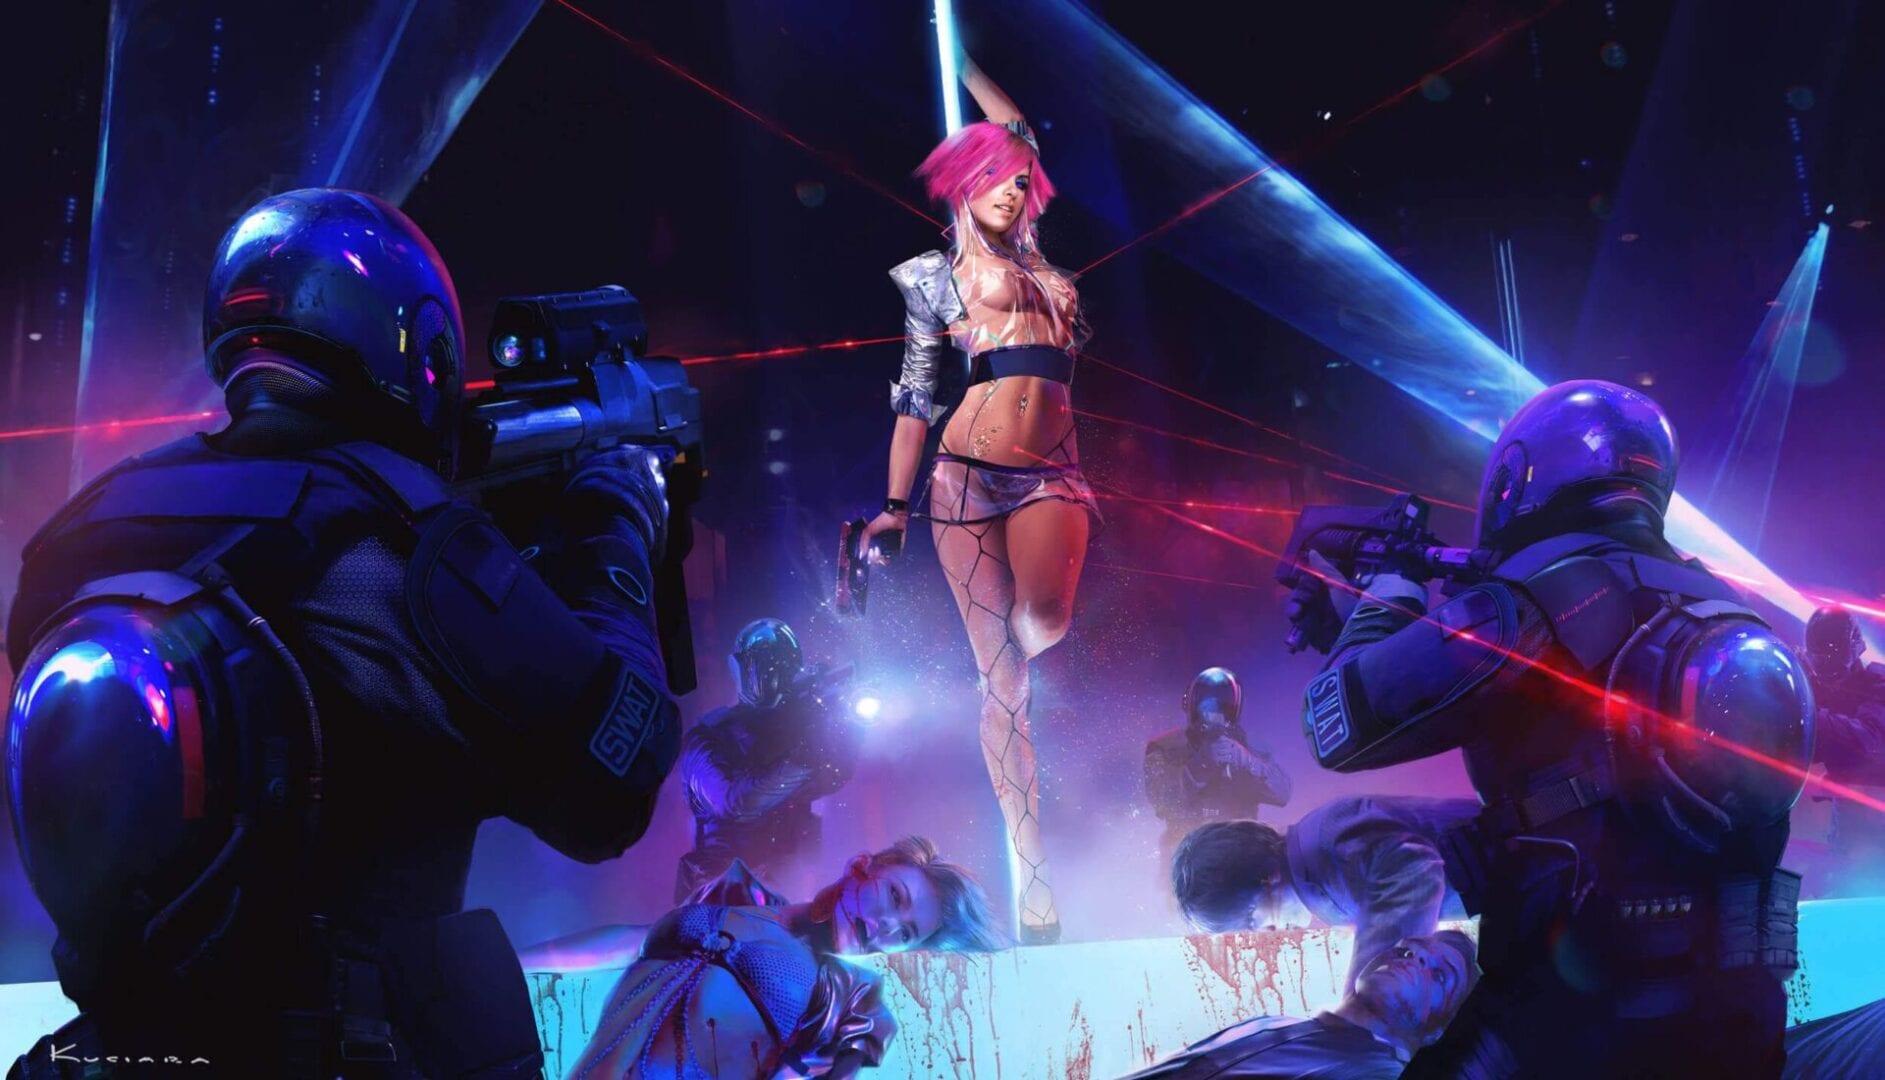 cyberpunk 2077 prostitutes